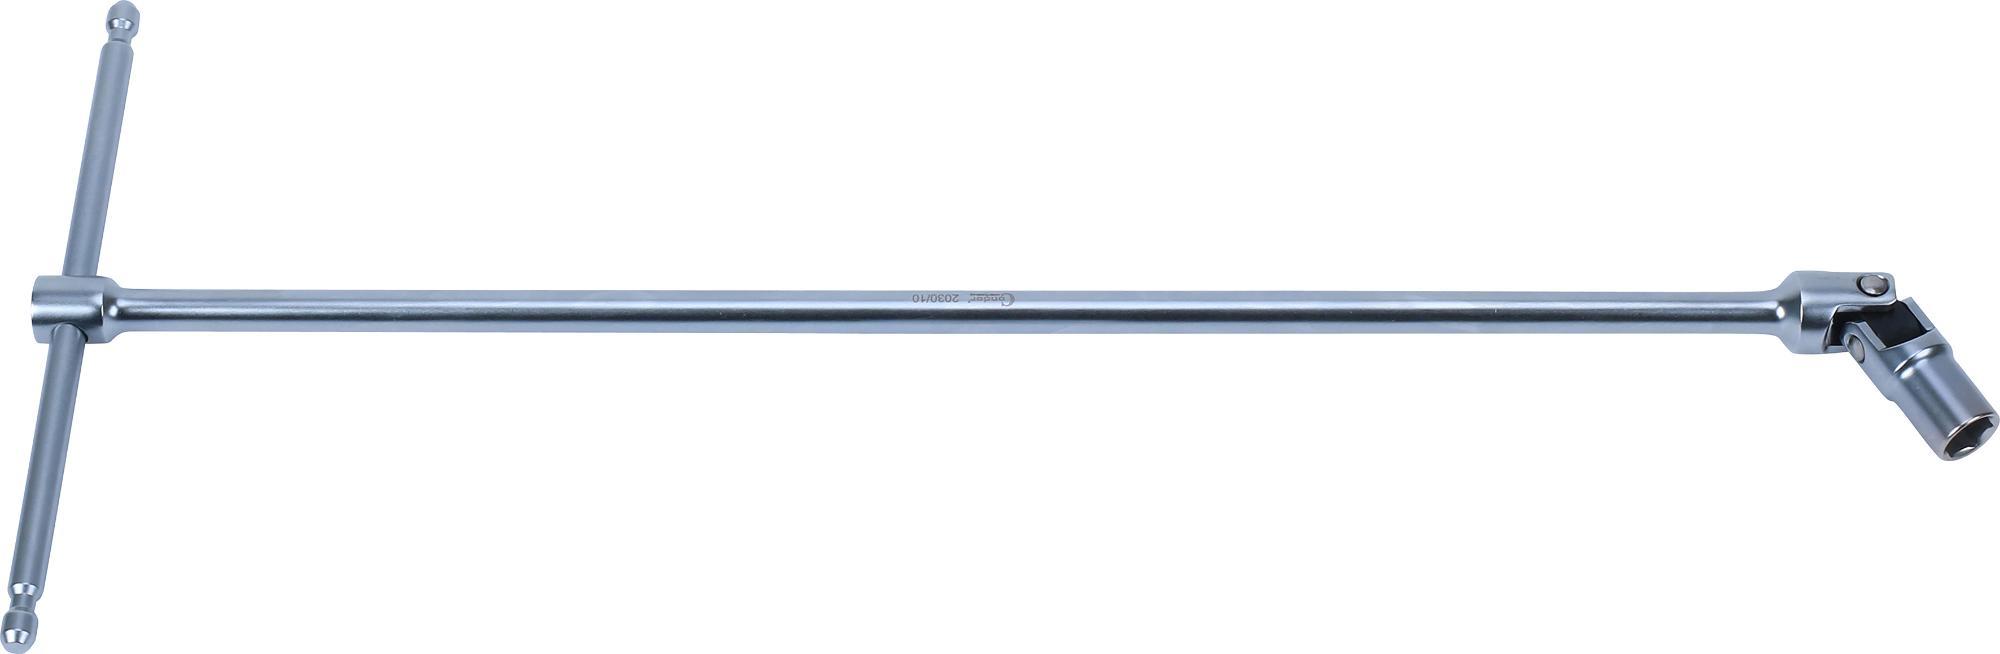 """Kľúč """"T"""" s kĺbom, 400 mm, 6-hran 10 mm"""